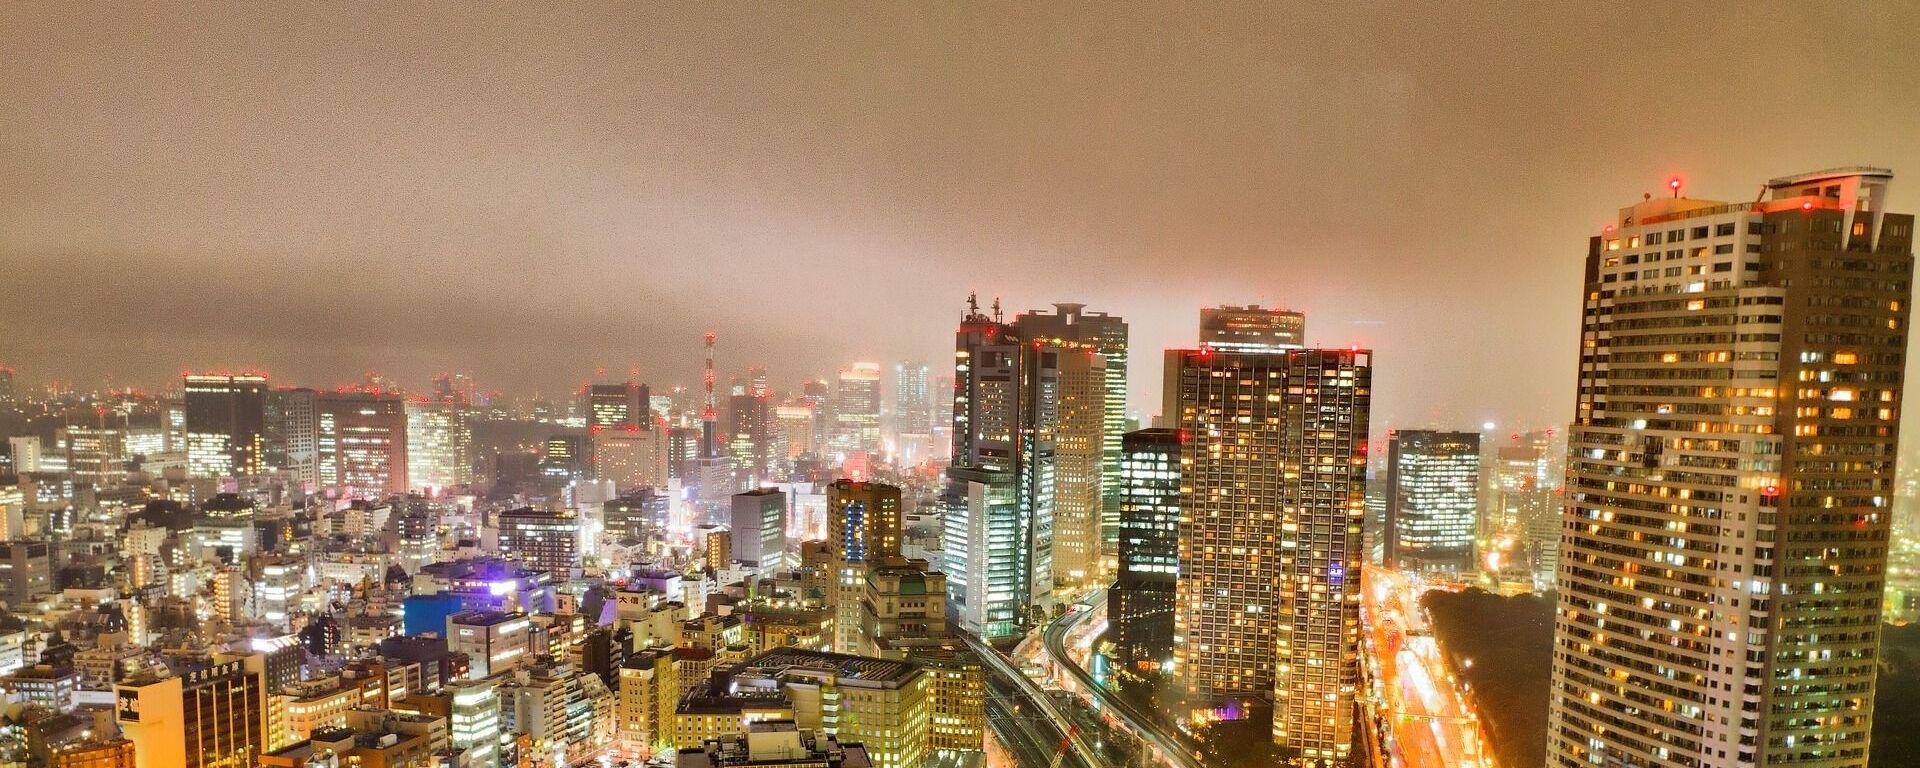 Город Токио ночью, архивное фото - Sputnik Таджикистан, 1920, 26.07.2021